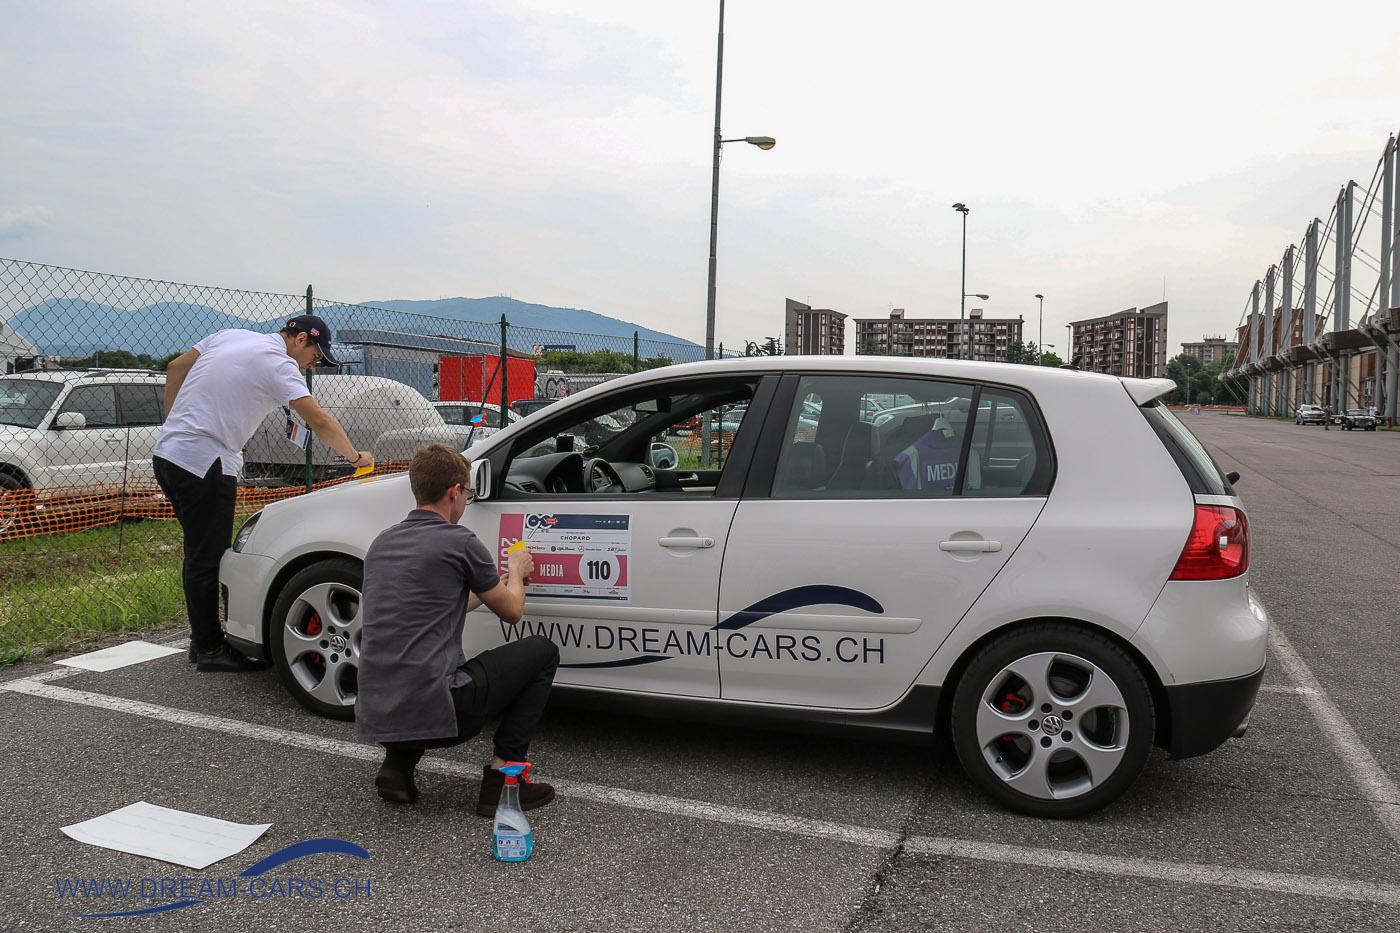 Mille Miglia 2017. Anbringen der Kleber auf dem Messegelände von Brescia. 'Startnummer' 110 für den Dream-Cars Golf